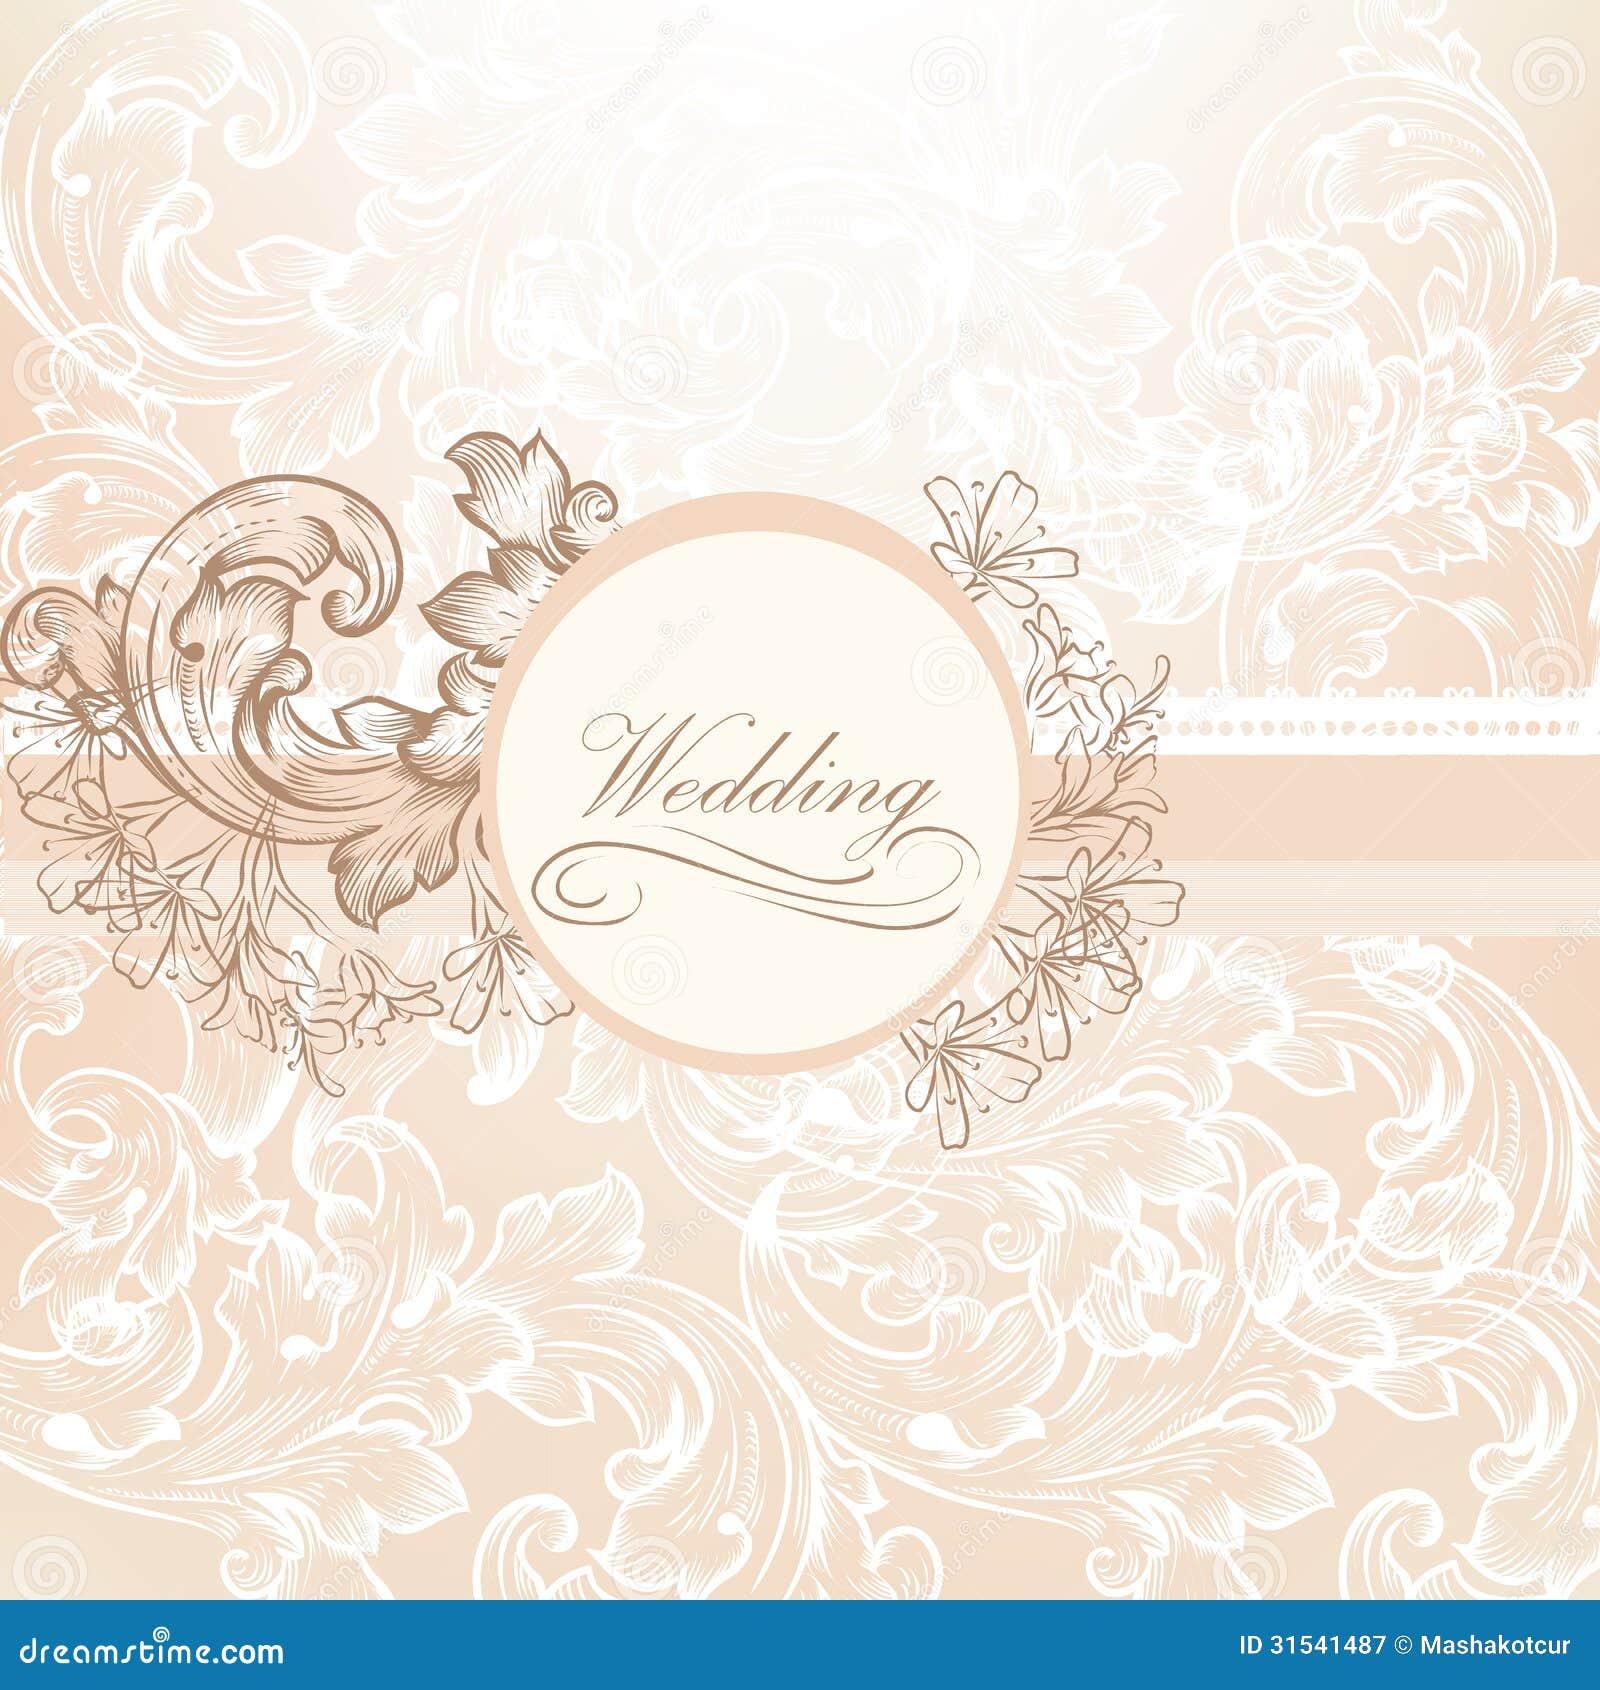 Projeto Do Vetor Do Casamento No Estilo Do Vintage